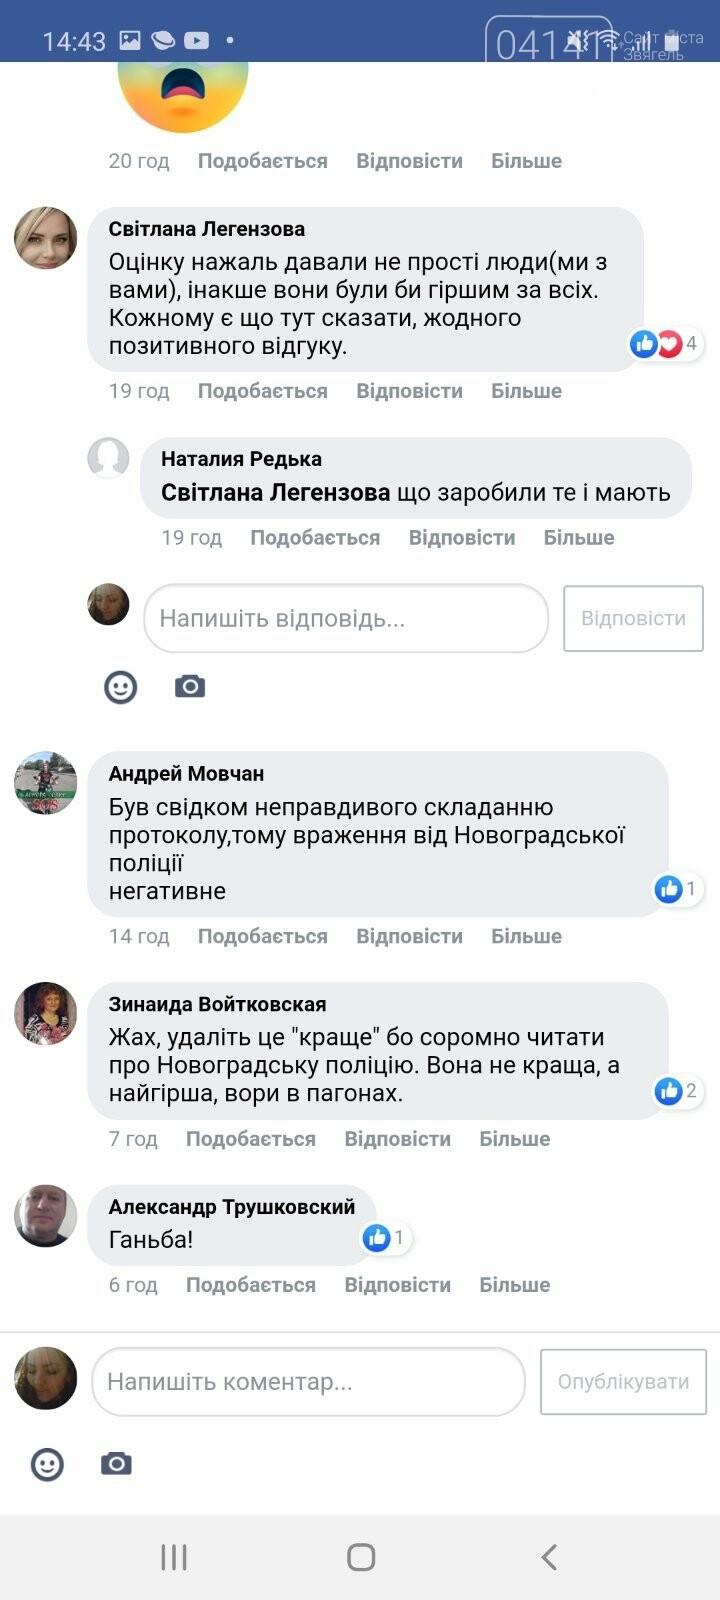 """Що думають новоград-волинці про """"першіcь"""" місцевого відділу поліції в області: (Скріни з коментарями), фото-4"""